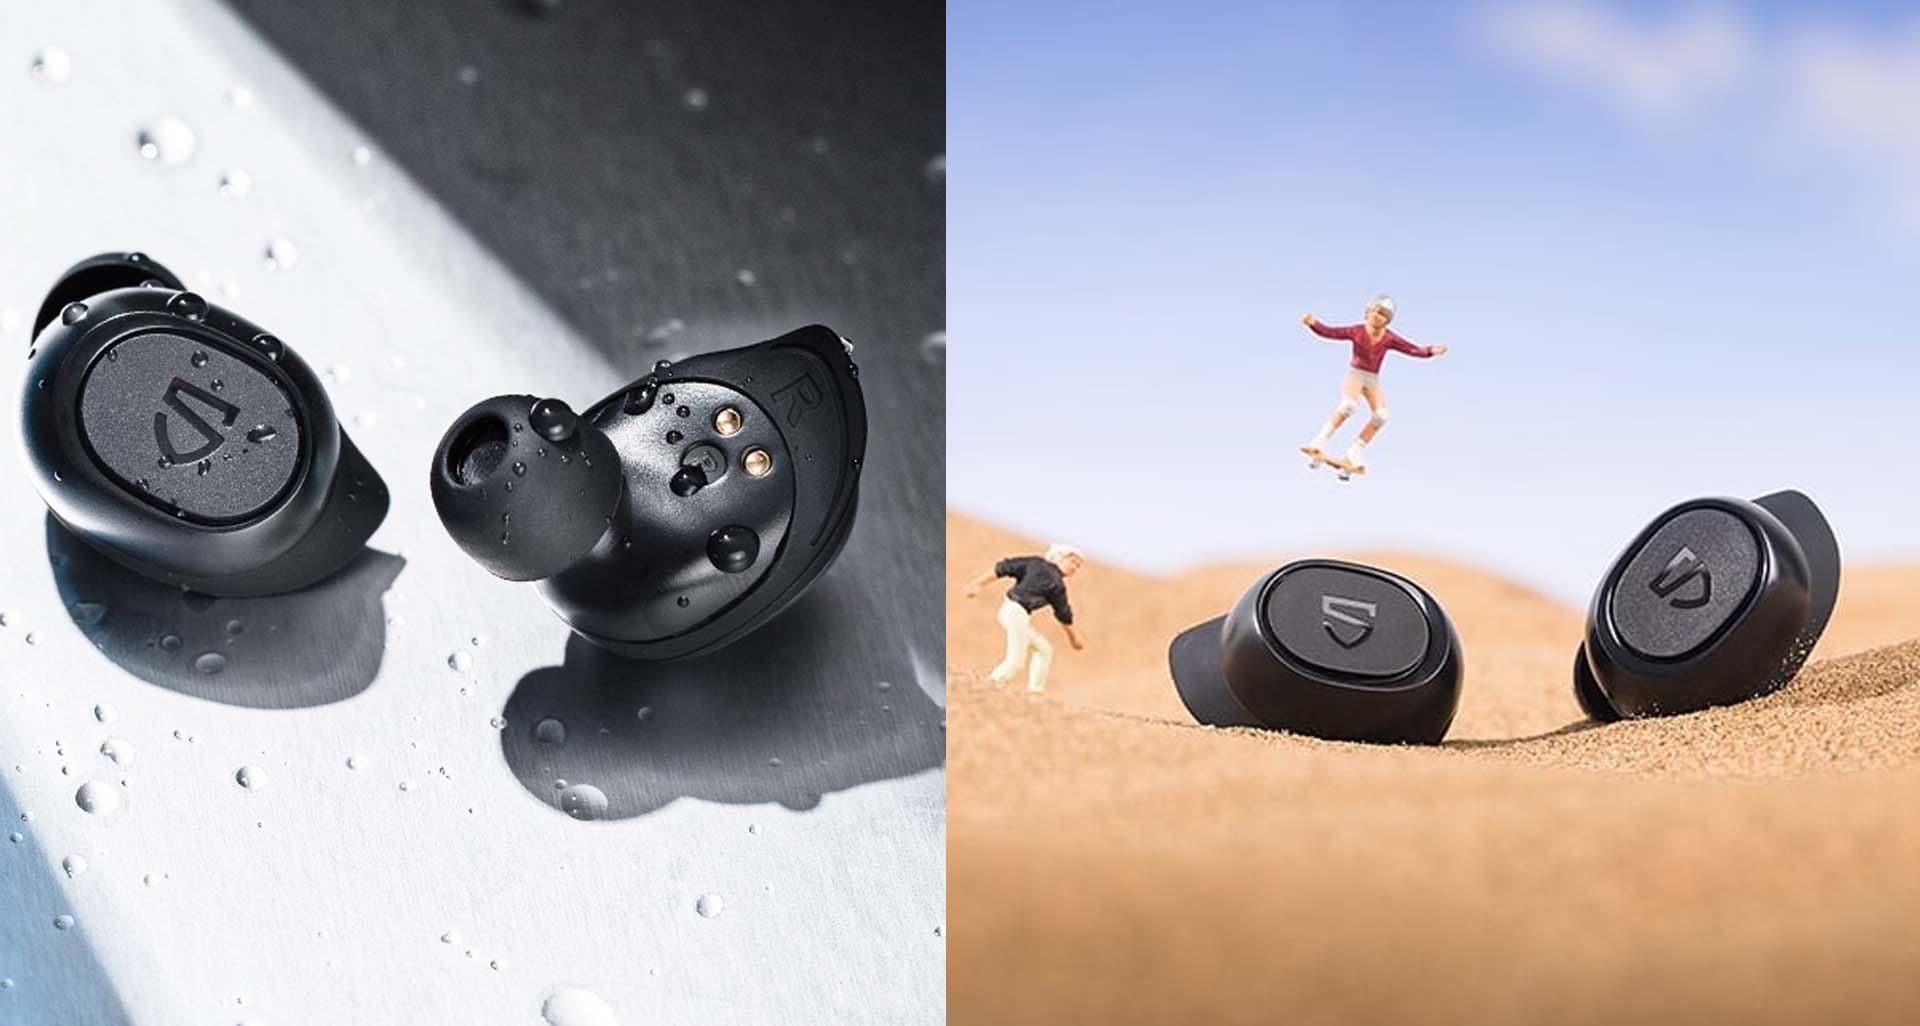 Khả năng chống nước vượt trội chuẩn IPX 7 của tai nghe Soundpeats Truefree 2